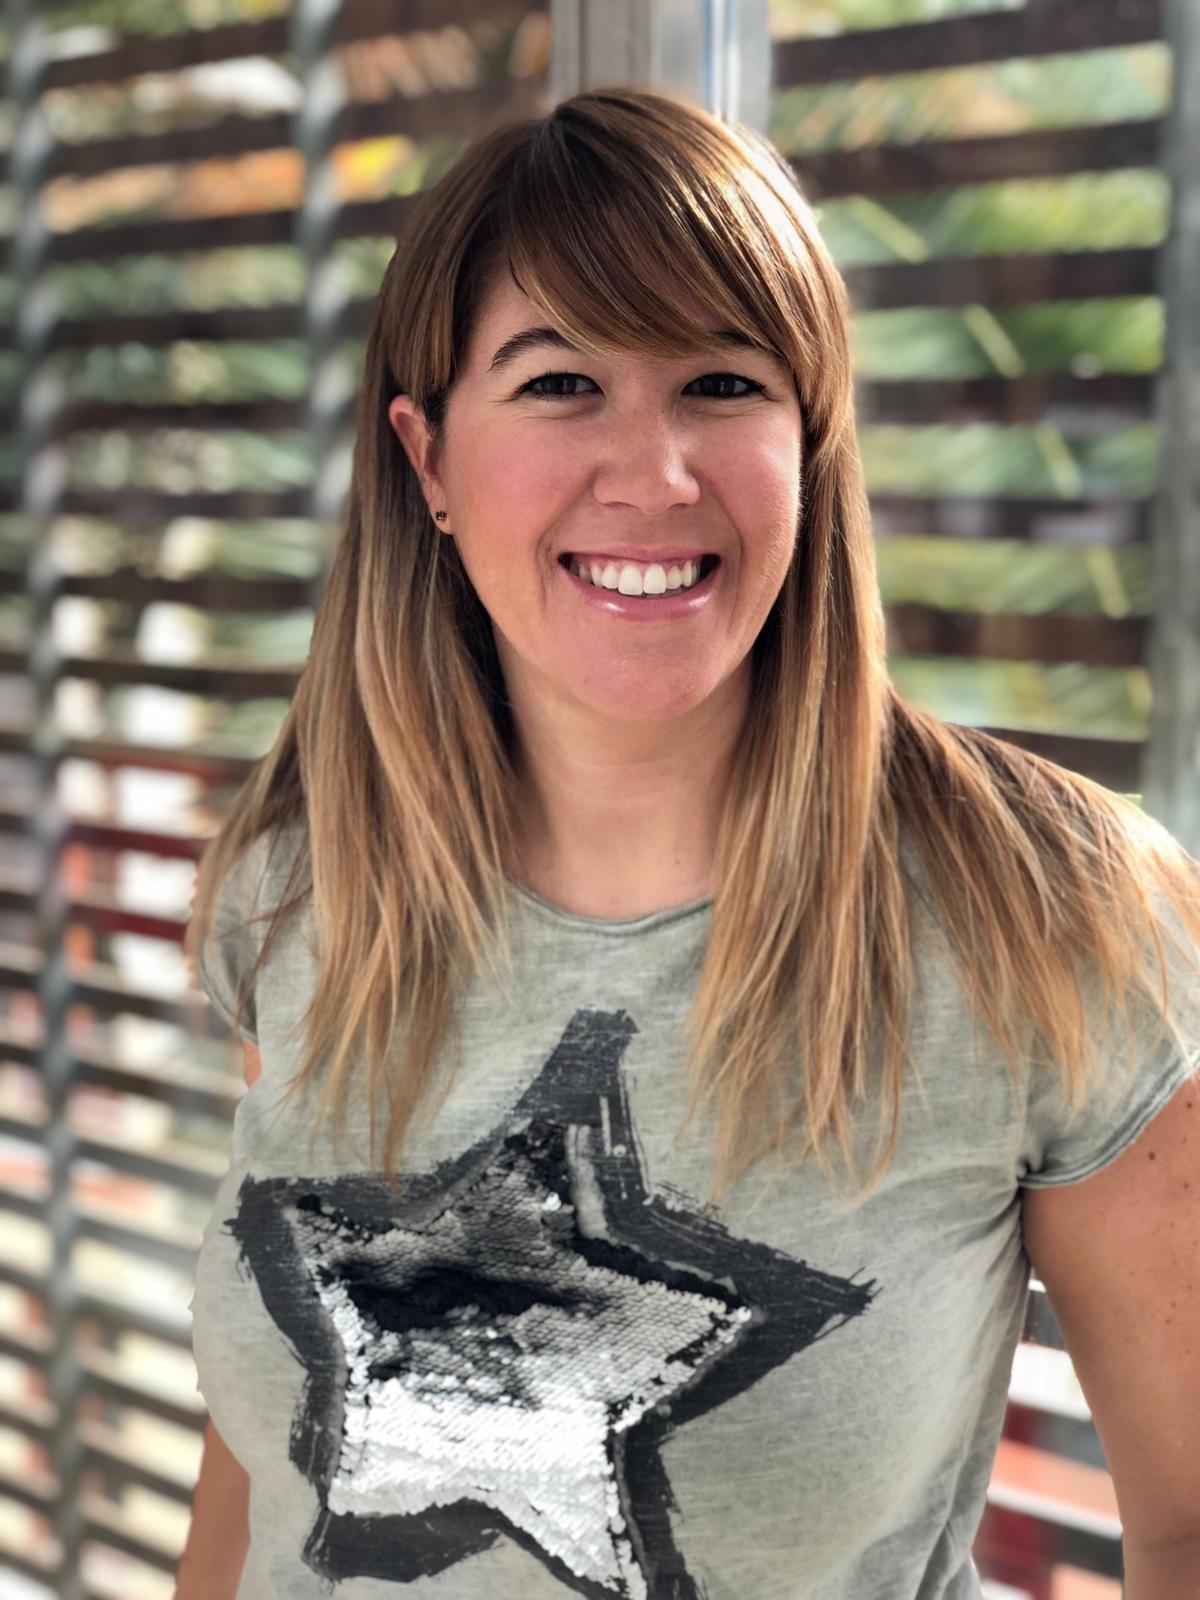 Carolina Amate Villanueva